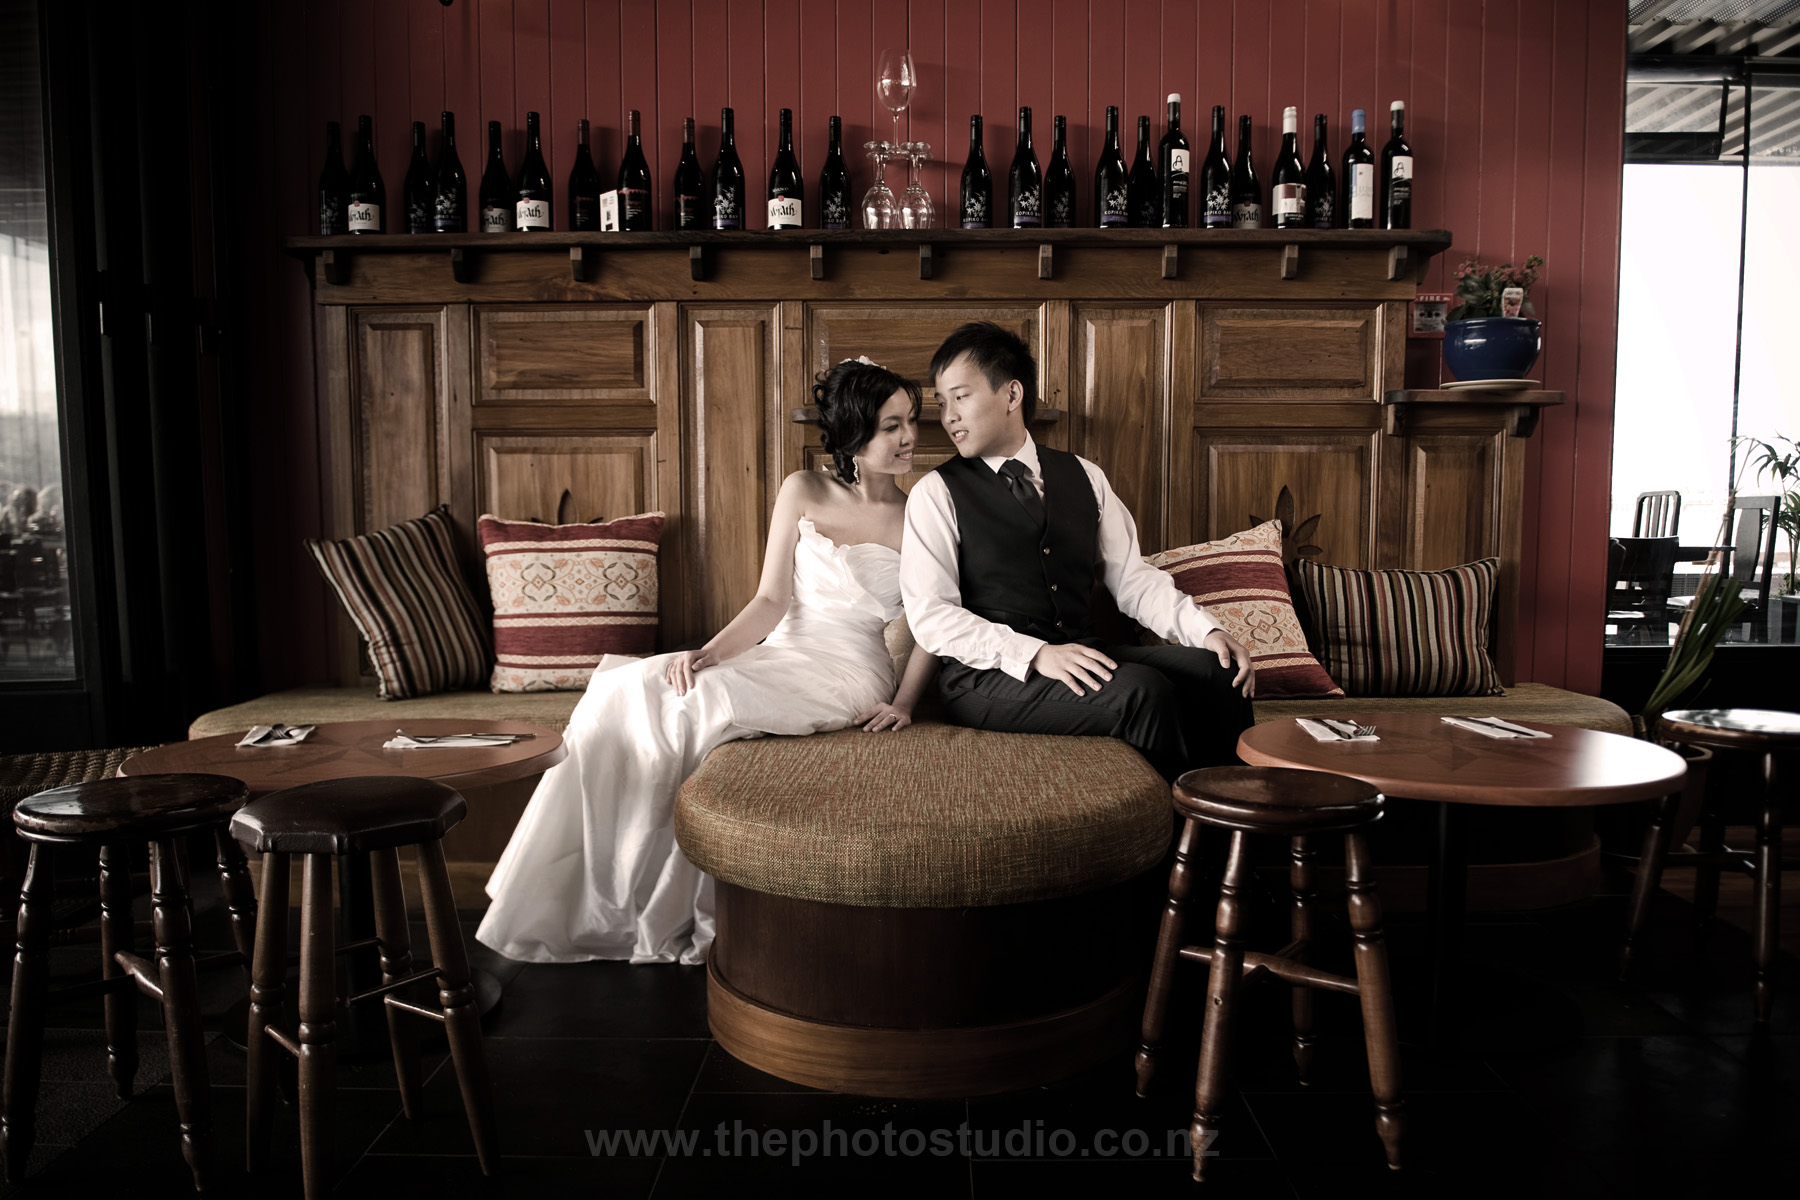 Mandy & Joe Pre-Wedding